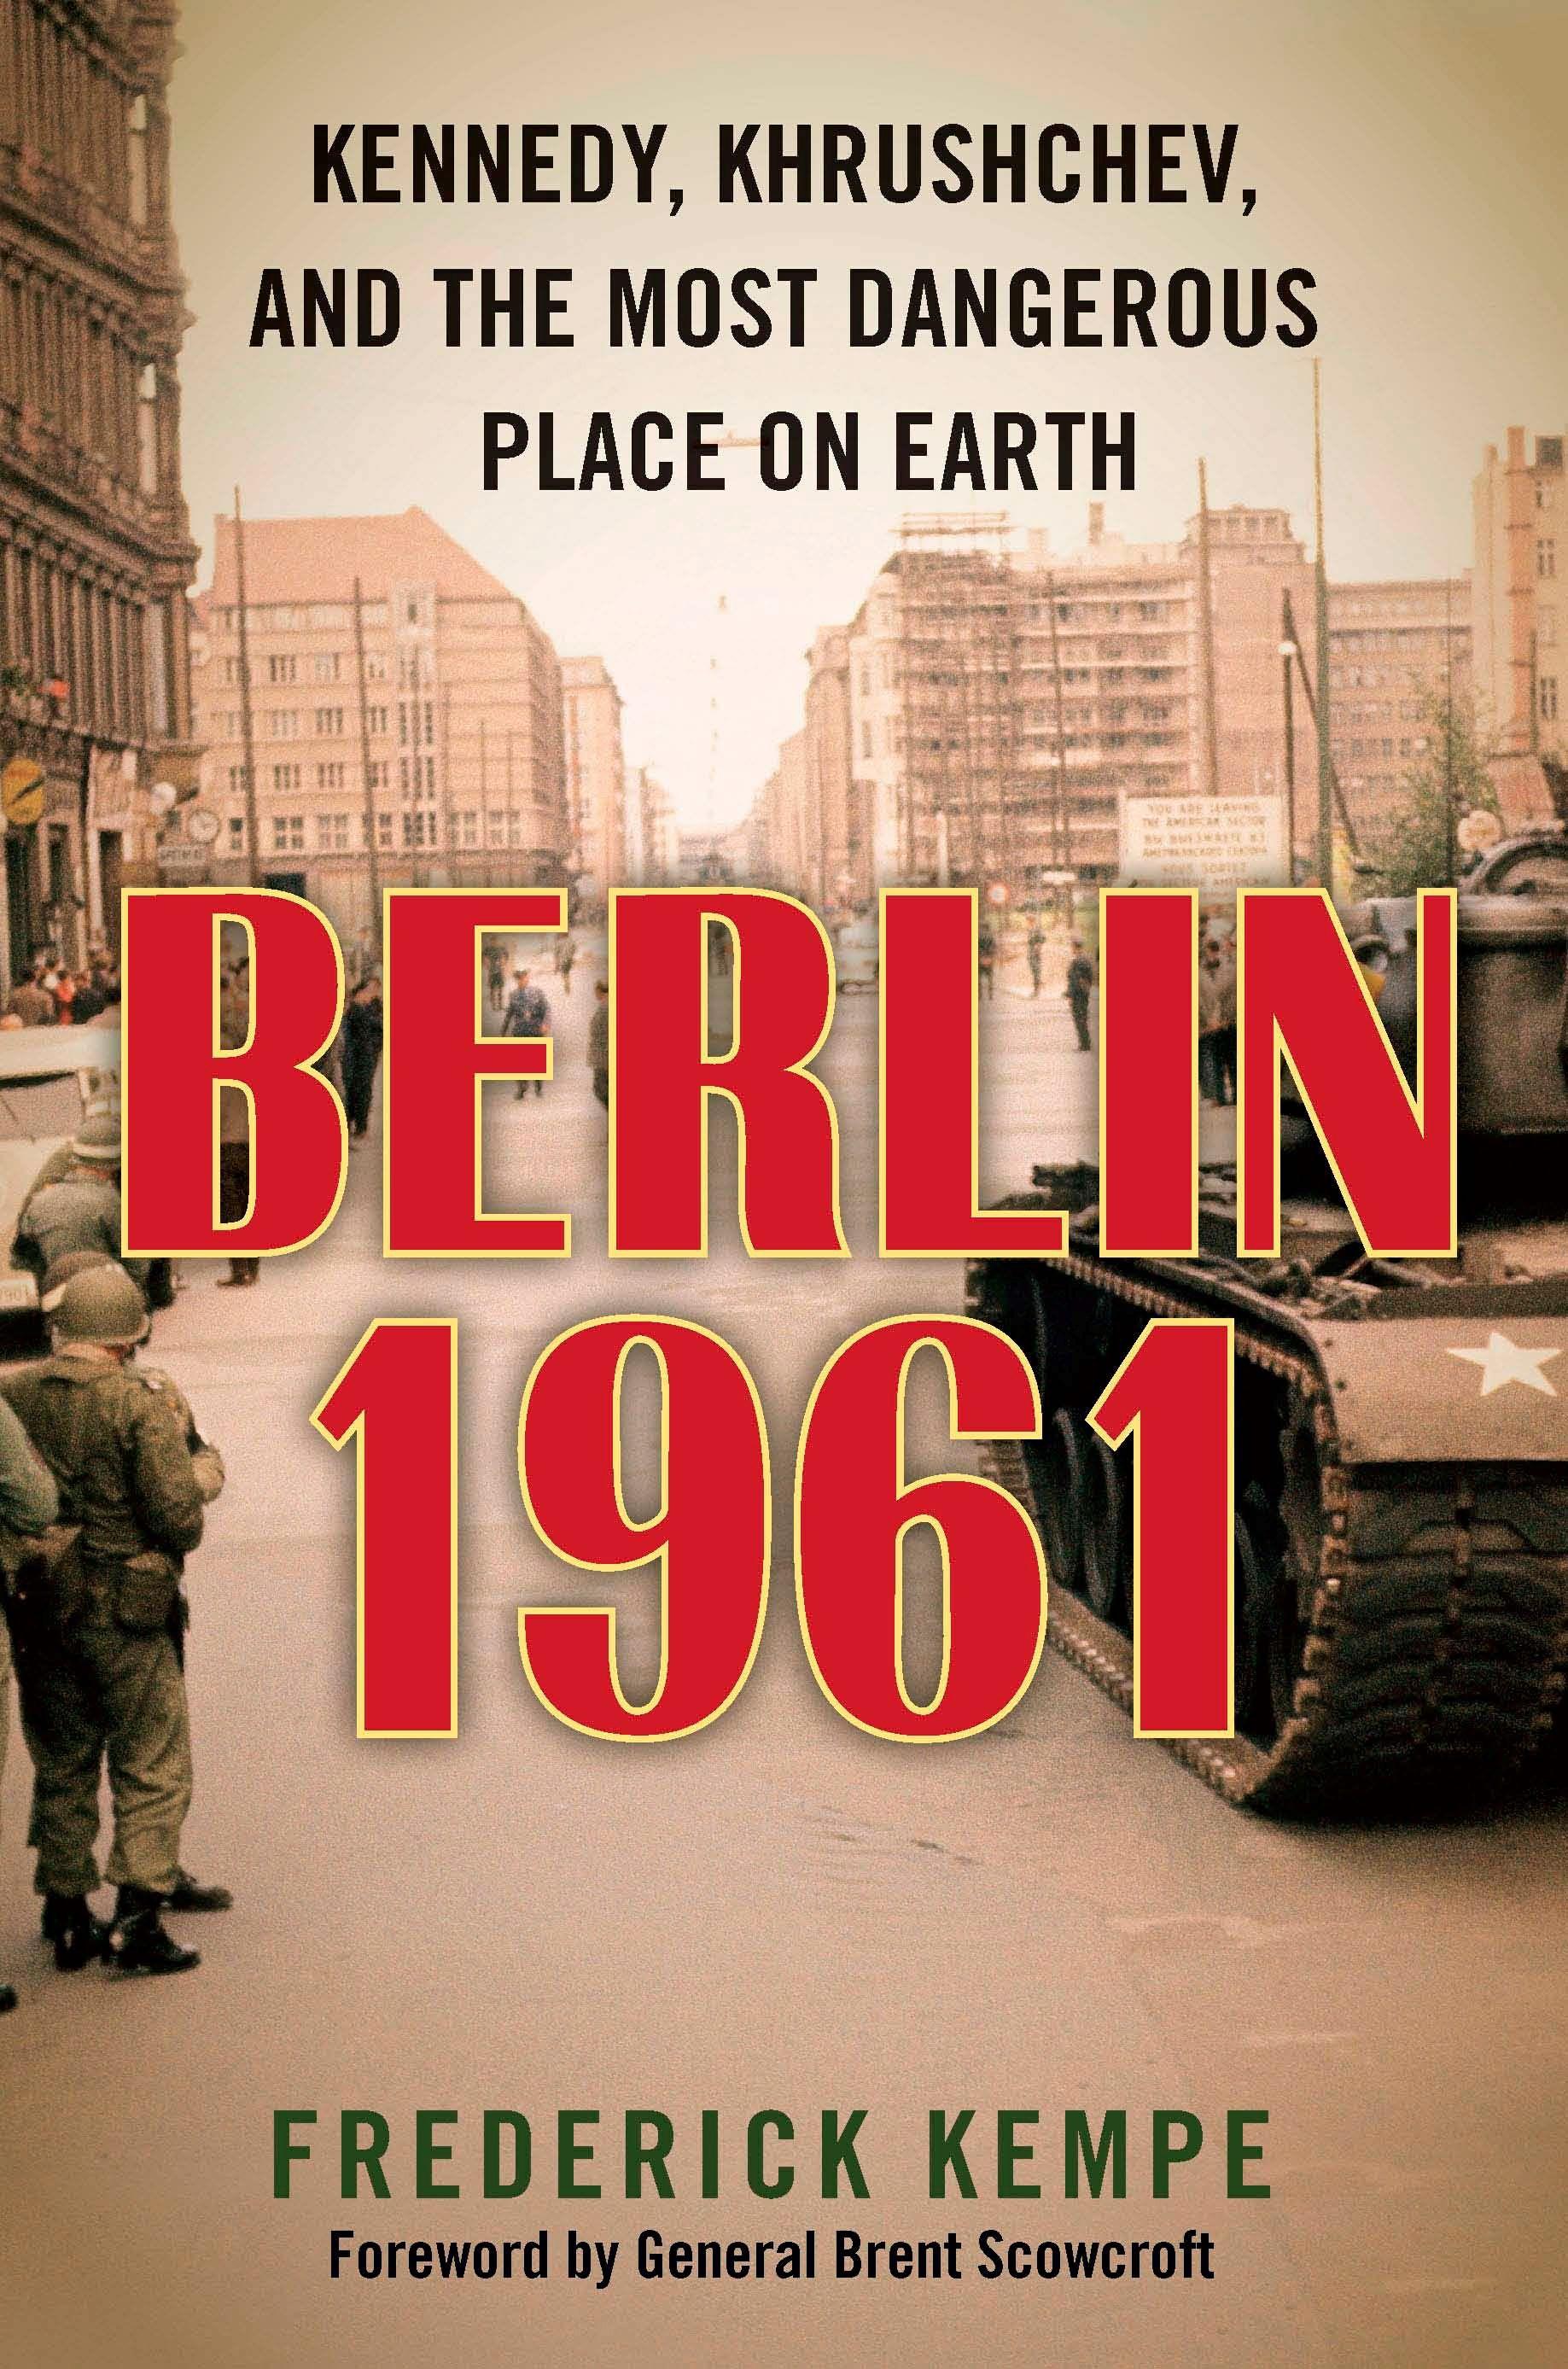 Book 1961 Book Review 'berlin 1961'